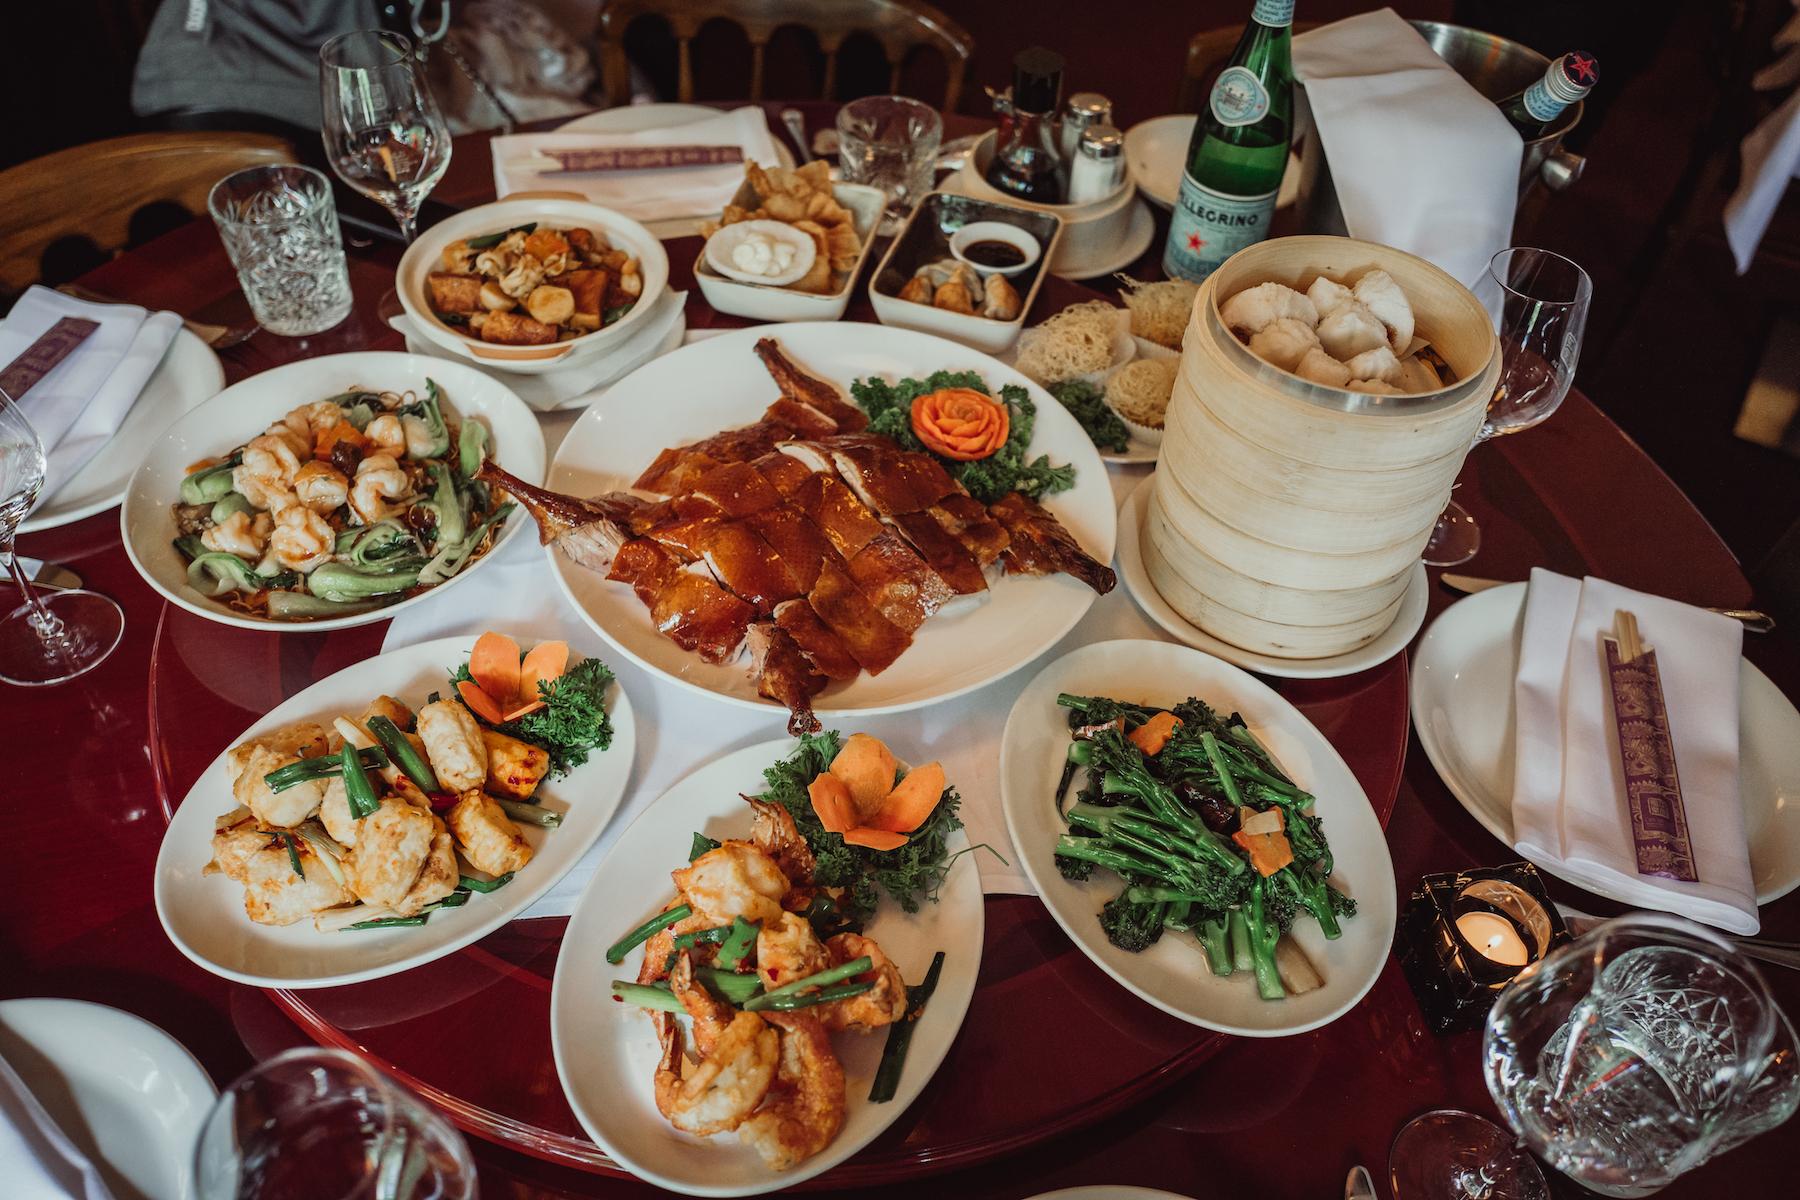 Geheimtipp Hamburg Essen & Trinken Restaurant Special Chinesisch 3